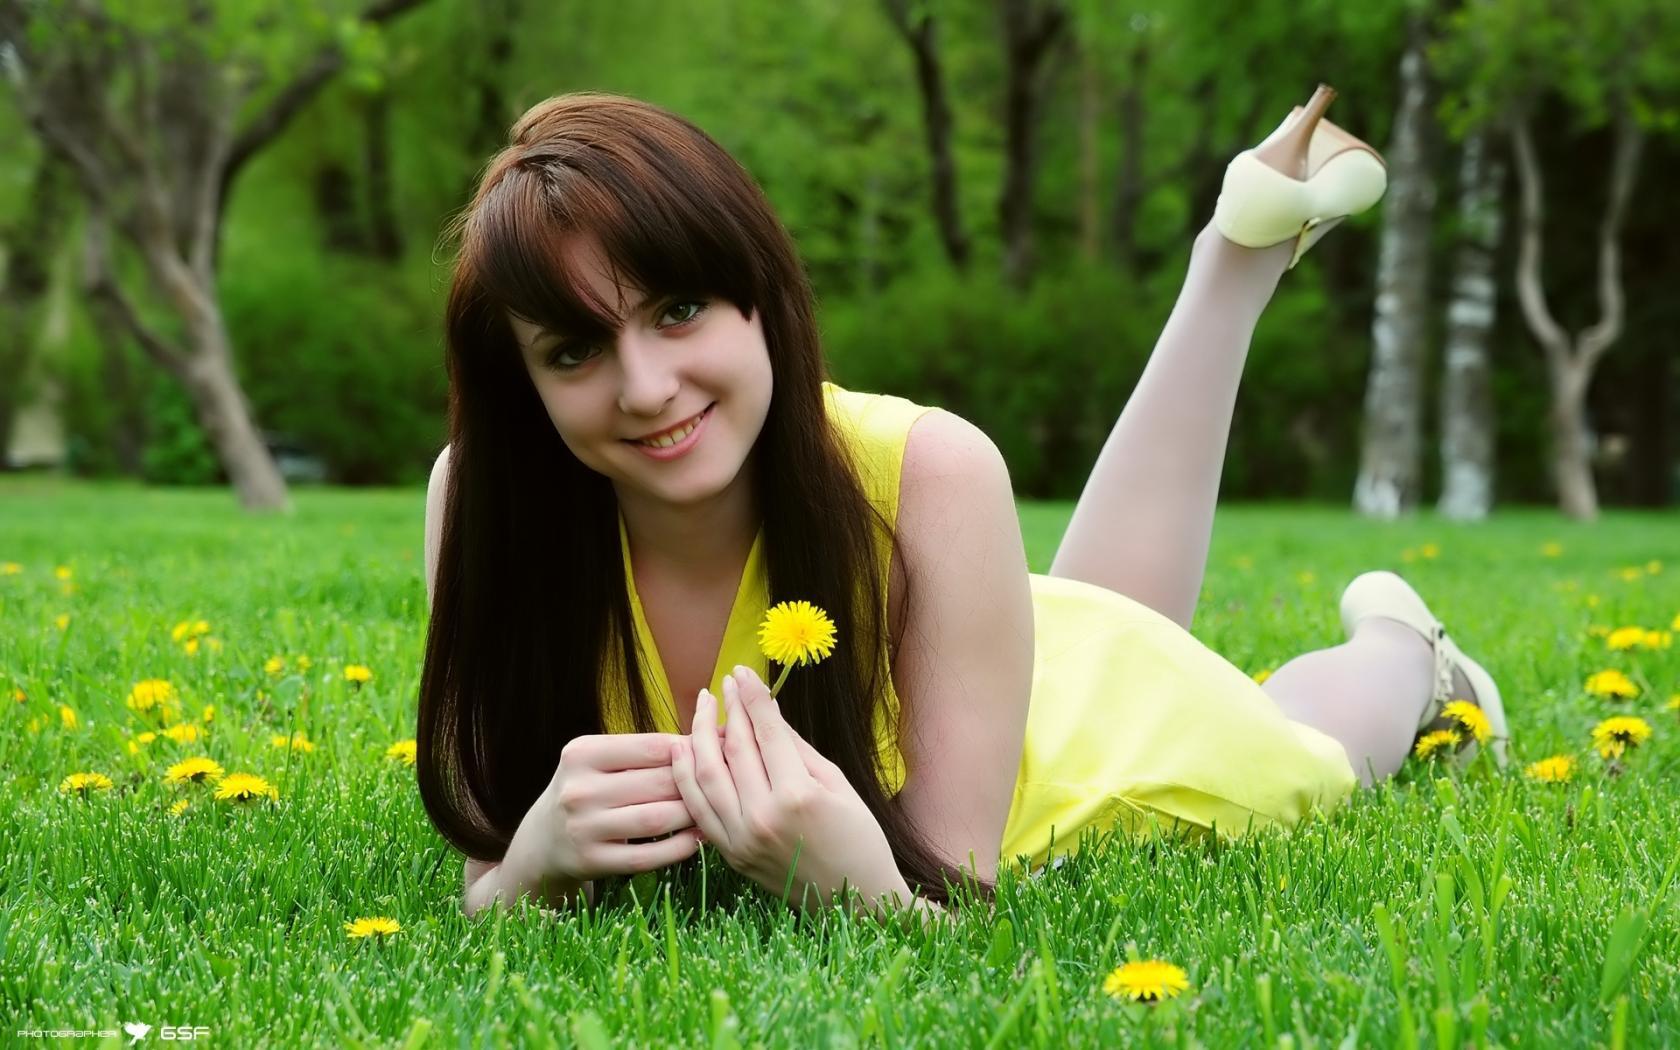 Любительские фото красивых девушек 7 фотография